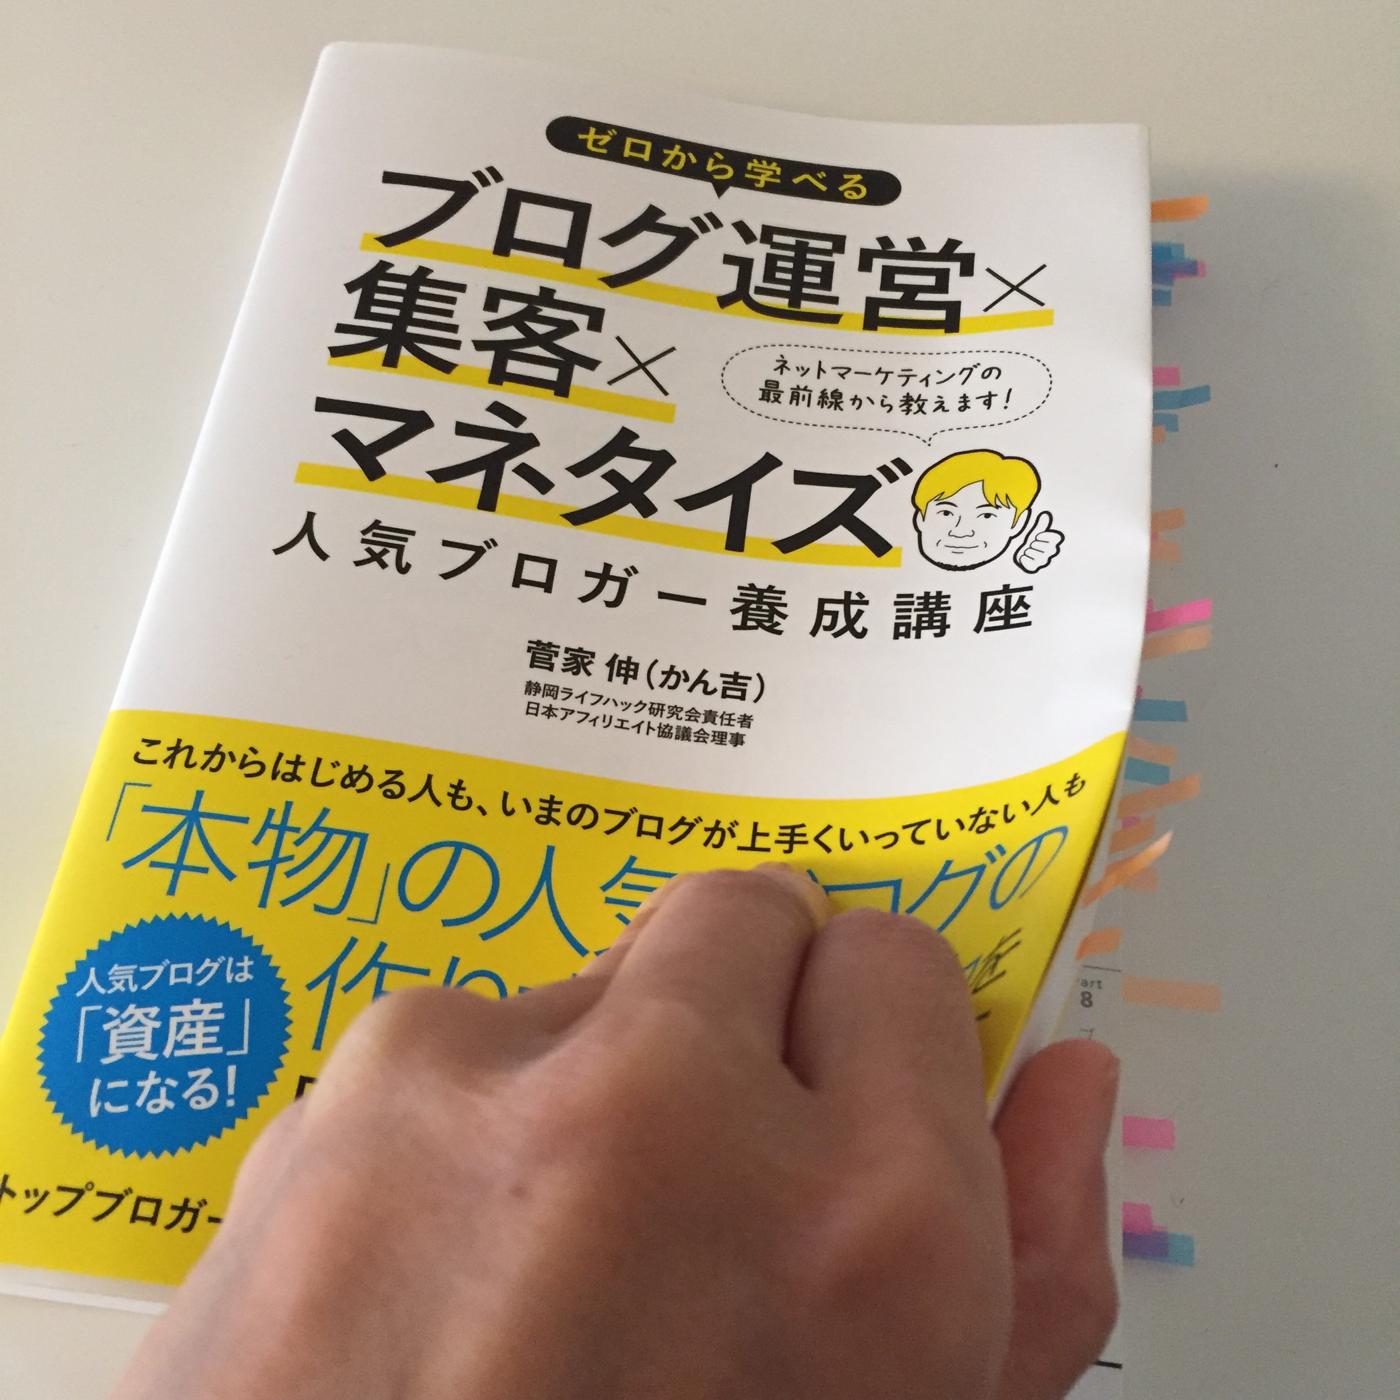 結局は「やれ!」ってこと。かん吉さんの本を読んで、ブログの改善をコツコツ実践中。